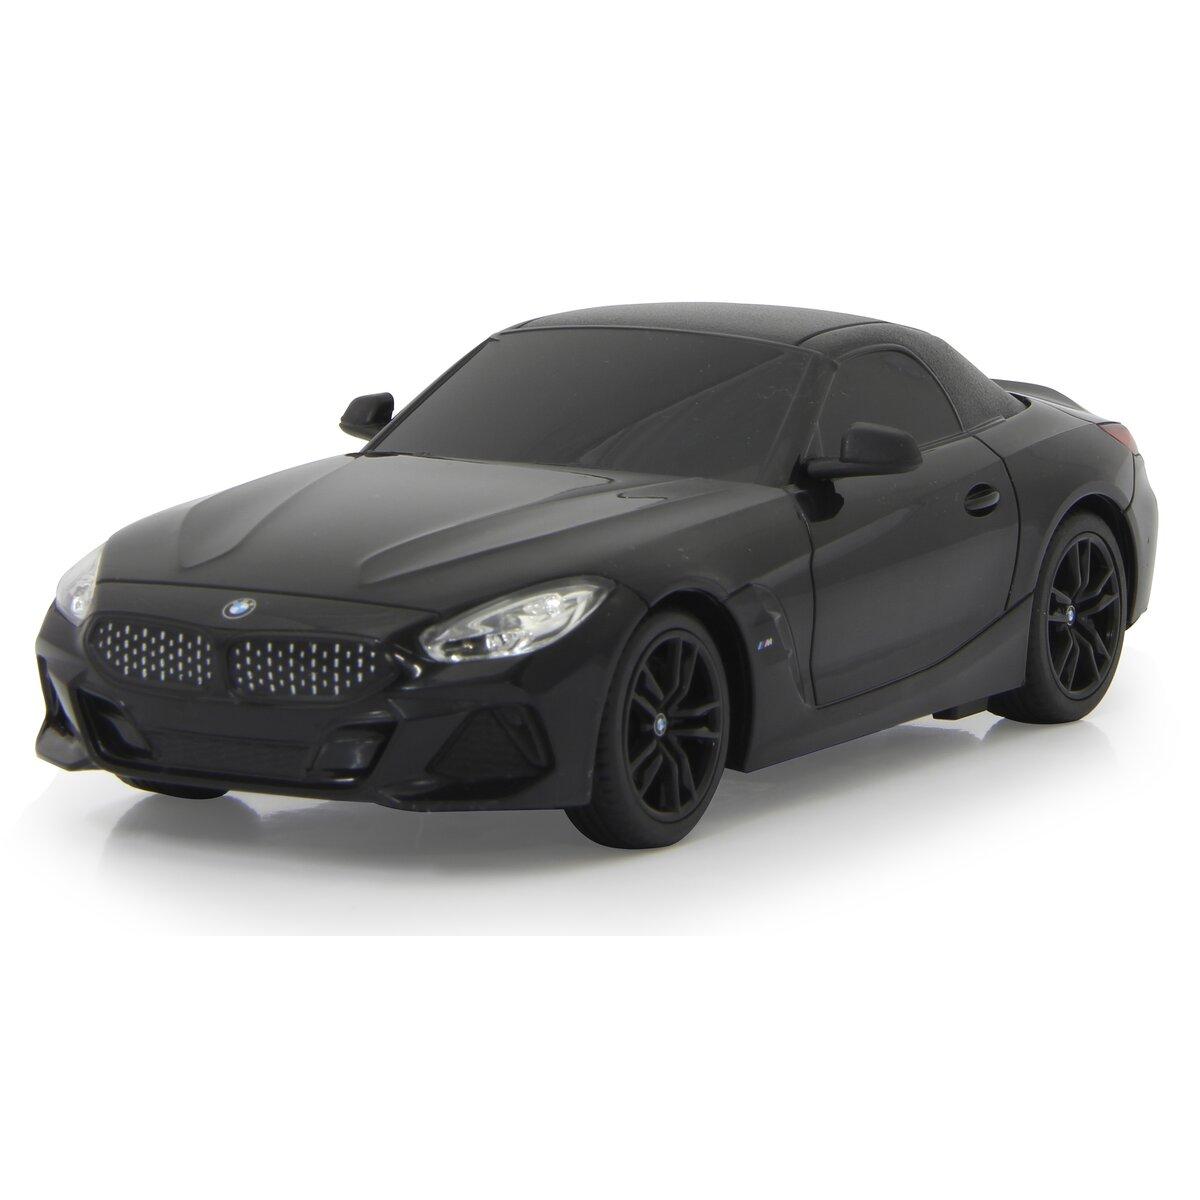 Jamara BMW Z4 Roadster 1:24 black 27MHz